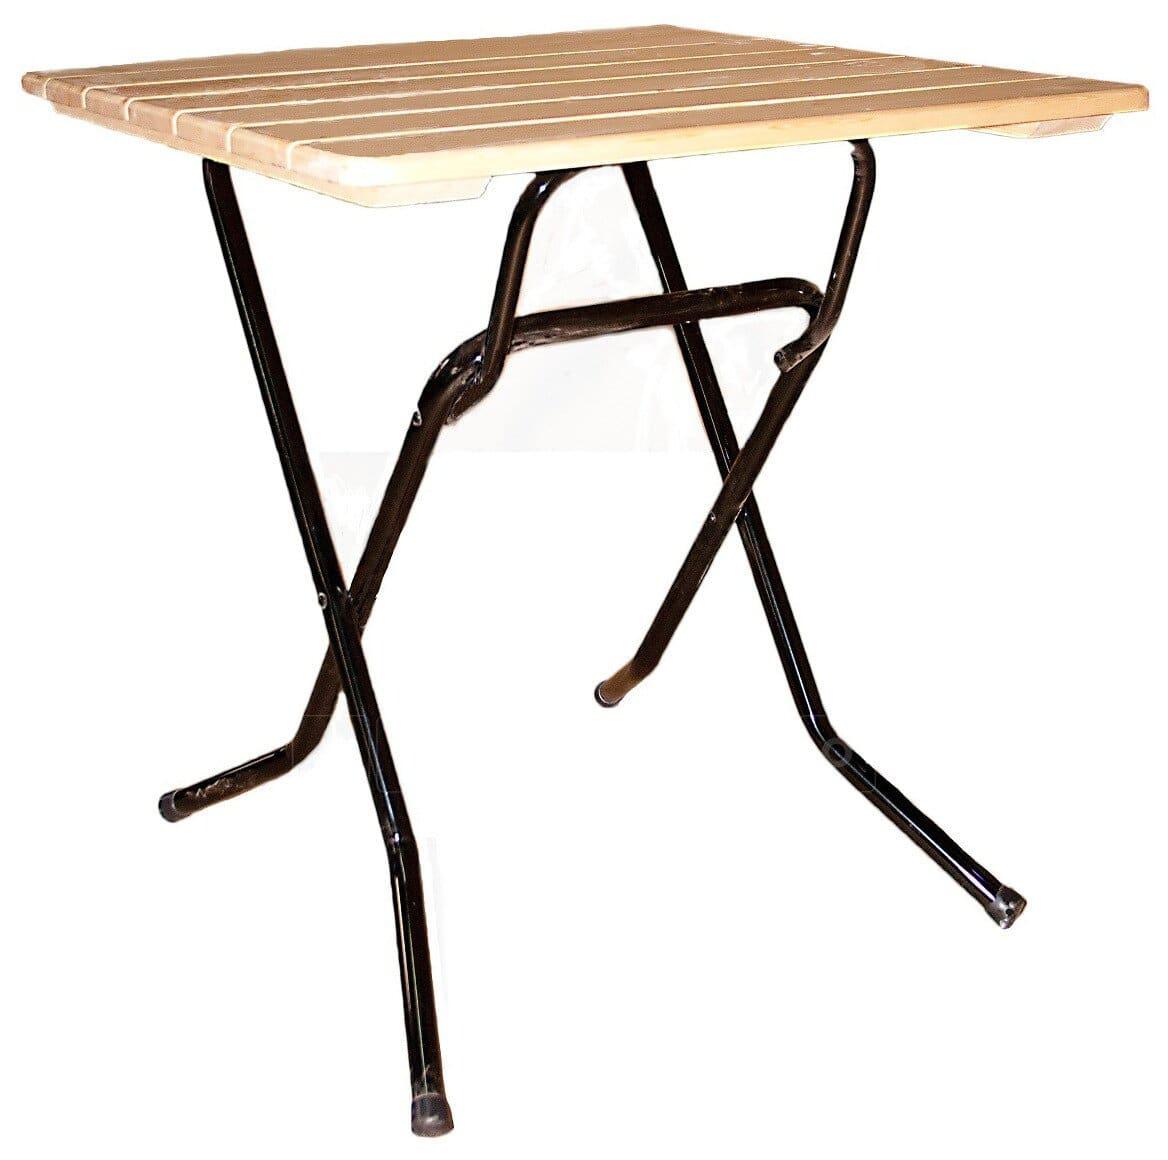 Складной стол Рейка квадратный 90 х 90 см. фото 1 | интернет-магазин Складно